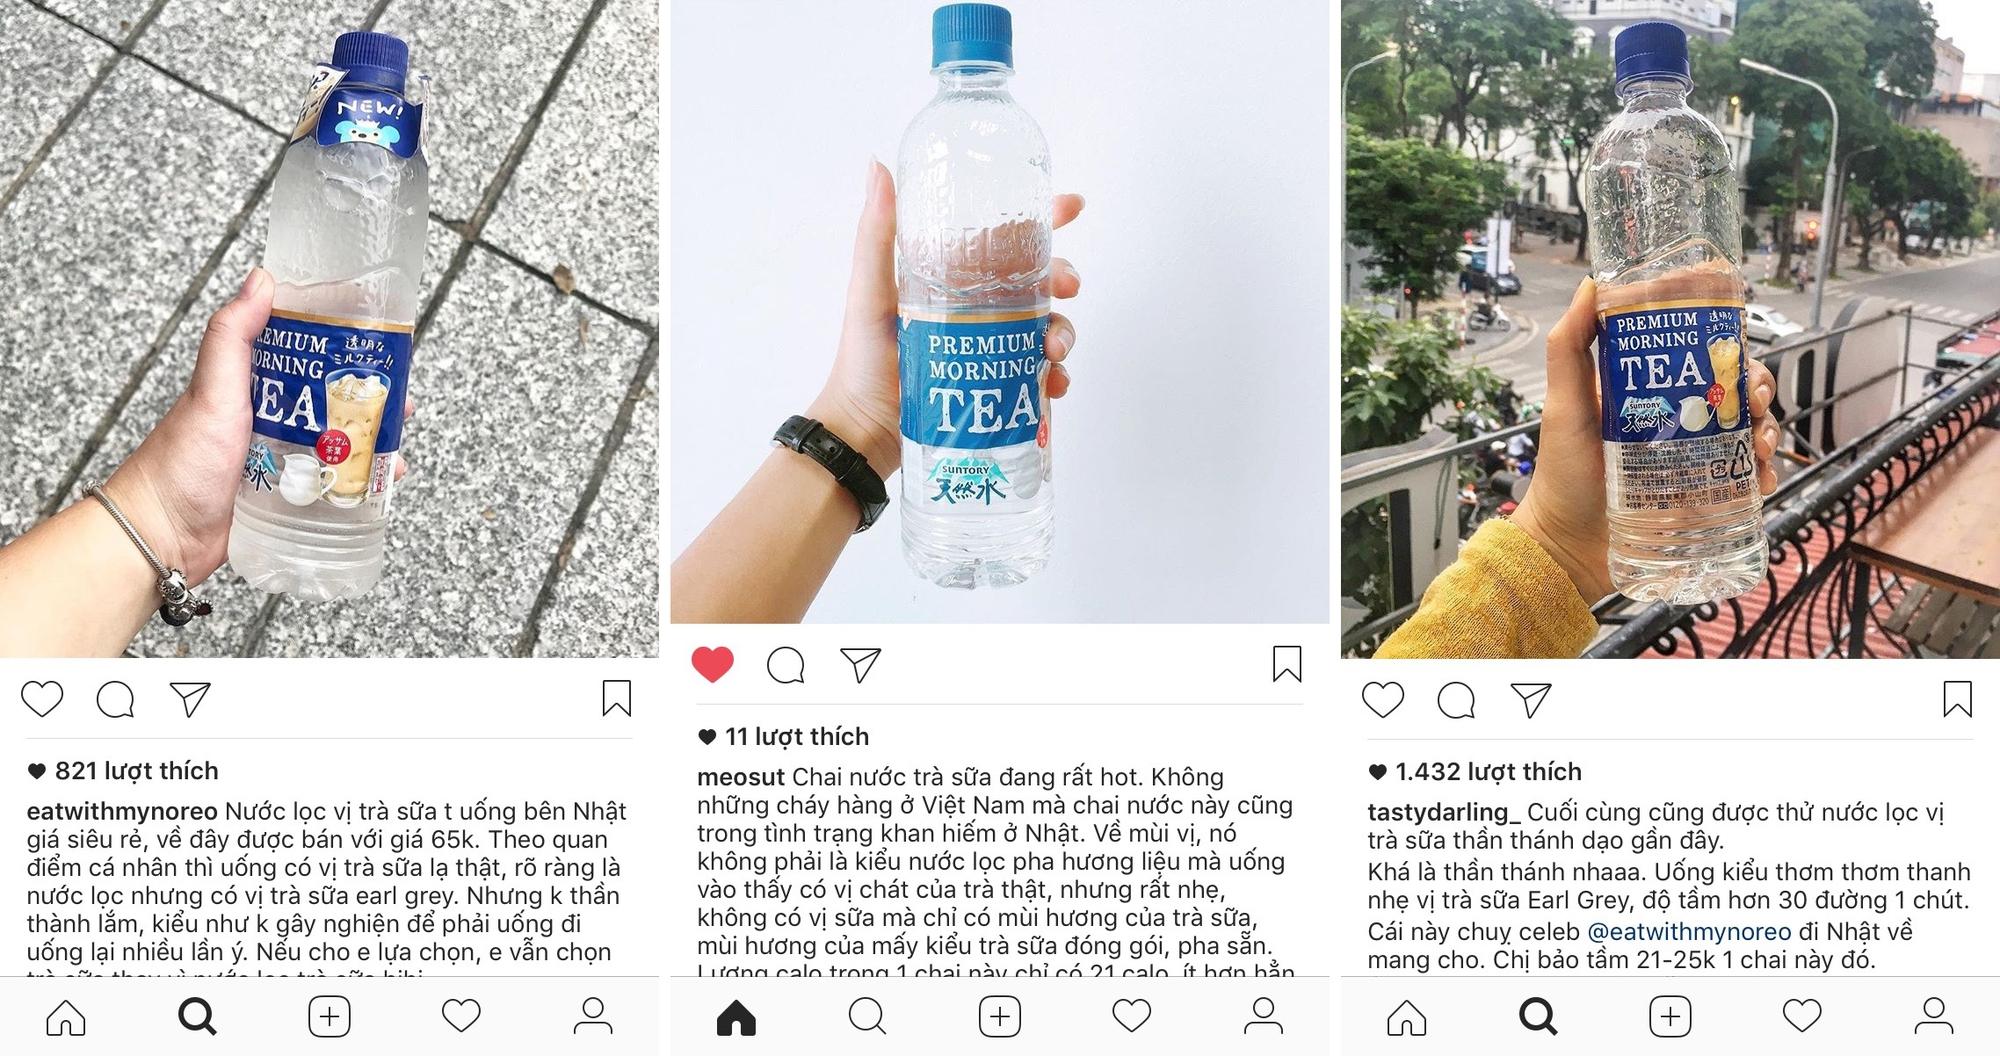 Nước lọc vị trà sữa đang hot ầm ĩ ở Nhật đã có mặt tại Việt Nam và đây là sự thật về nó - Ảnh 7.